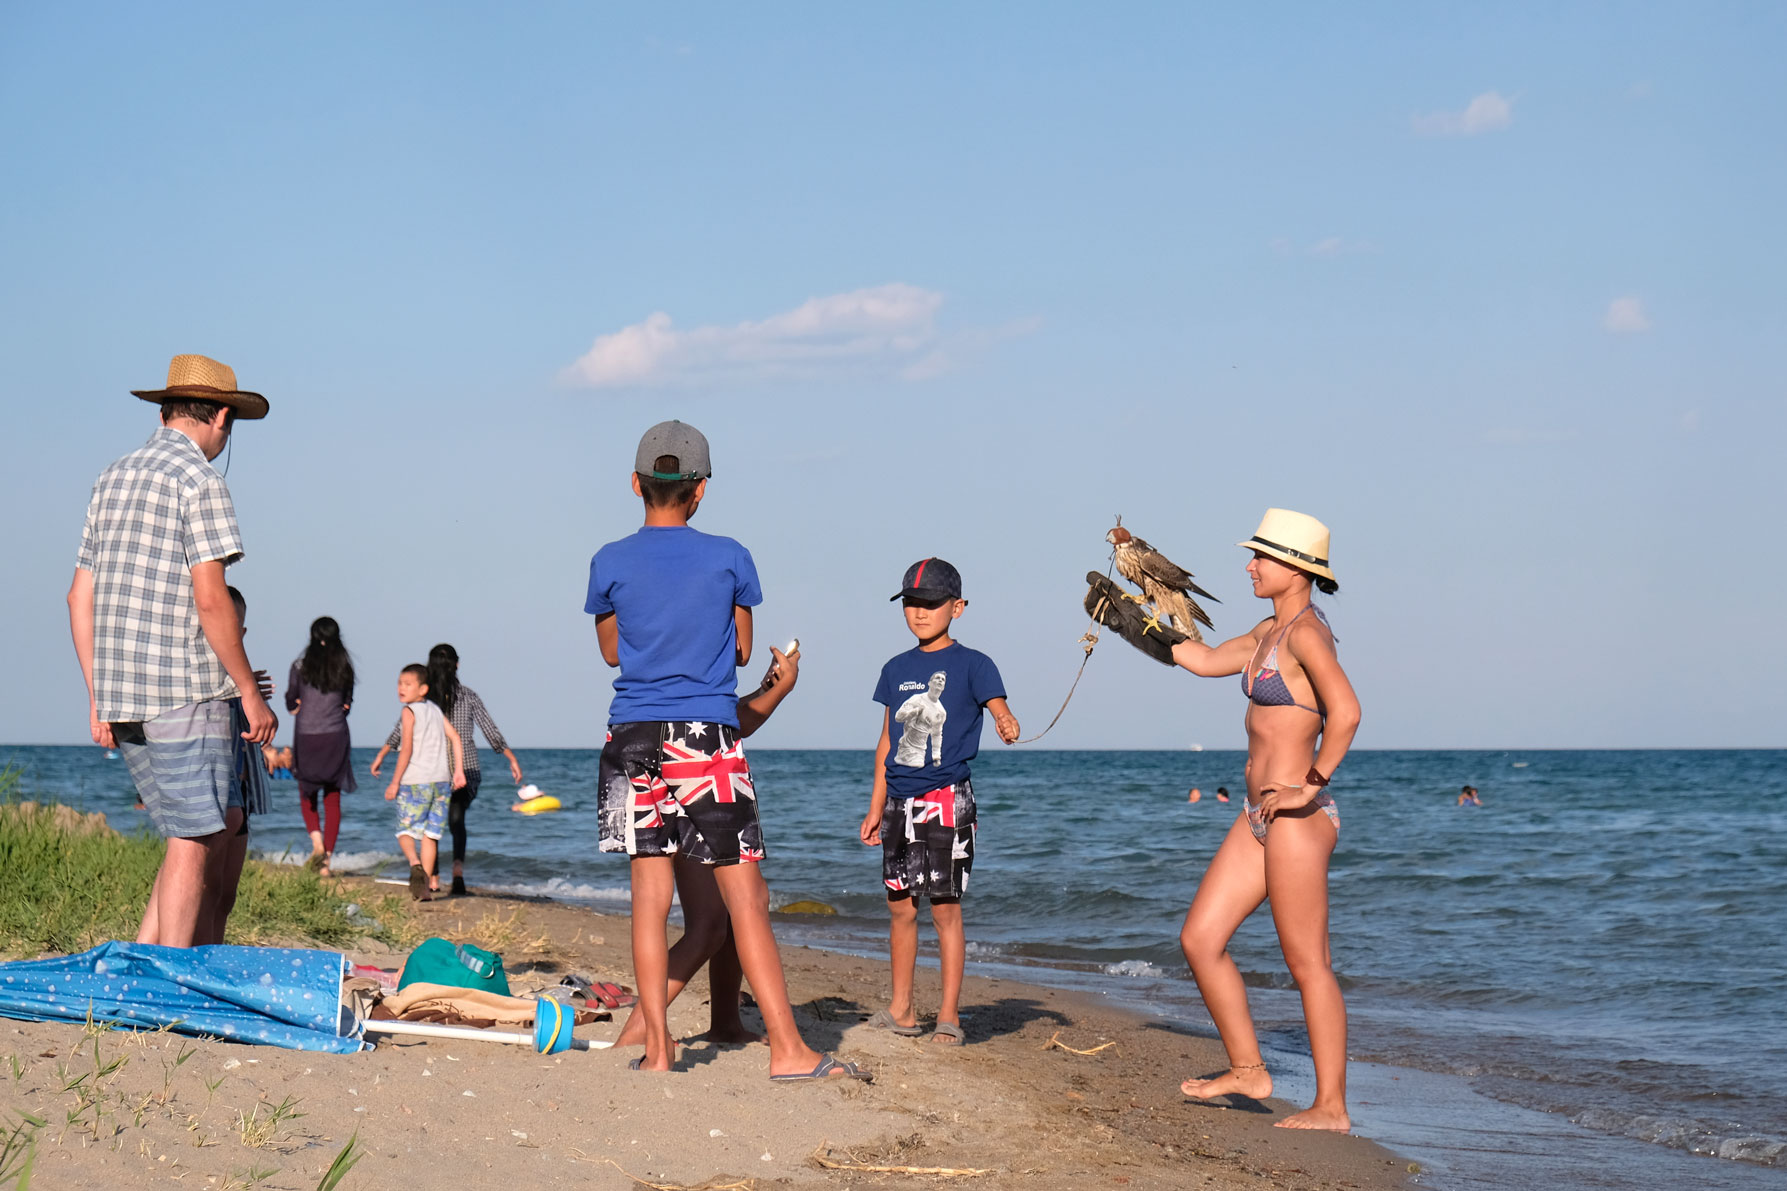 Für Strandentertainment ist gesorgt. Jungen laufen mit ihren Greifvögeln den Strand ab und auch ein Kamel wird regelmäßig an den Badegästen vorbei geführt. Vielleicht möchte ja doch jemand gegen Geld ein Foto mit den Tieren schießen?